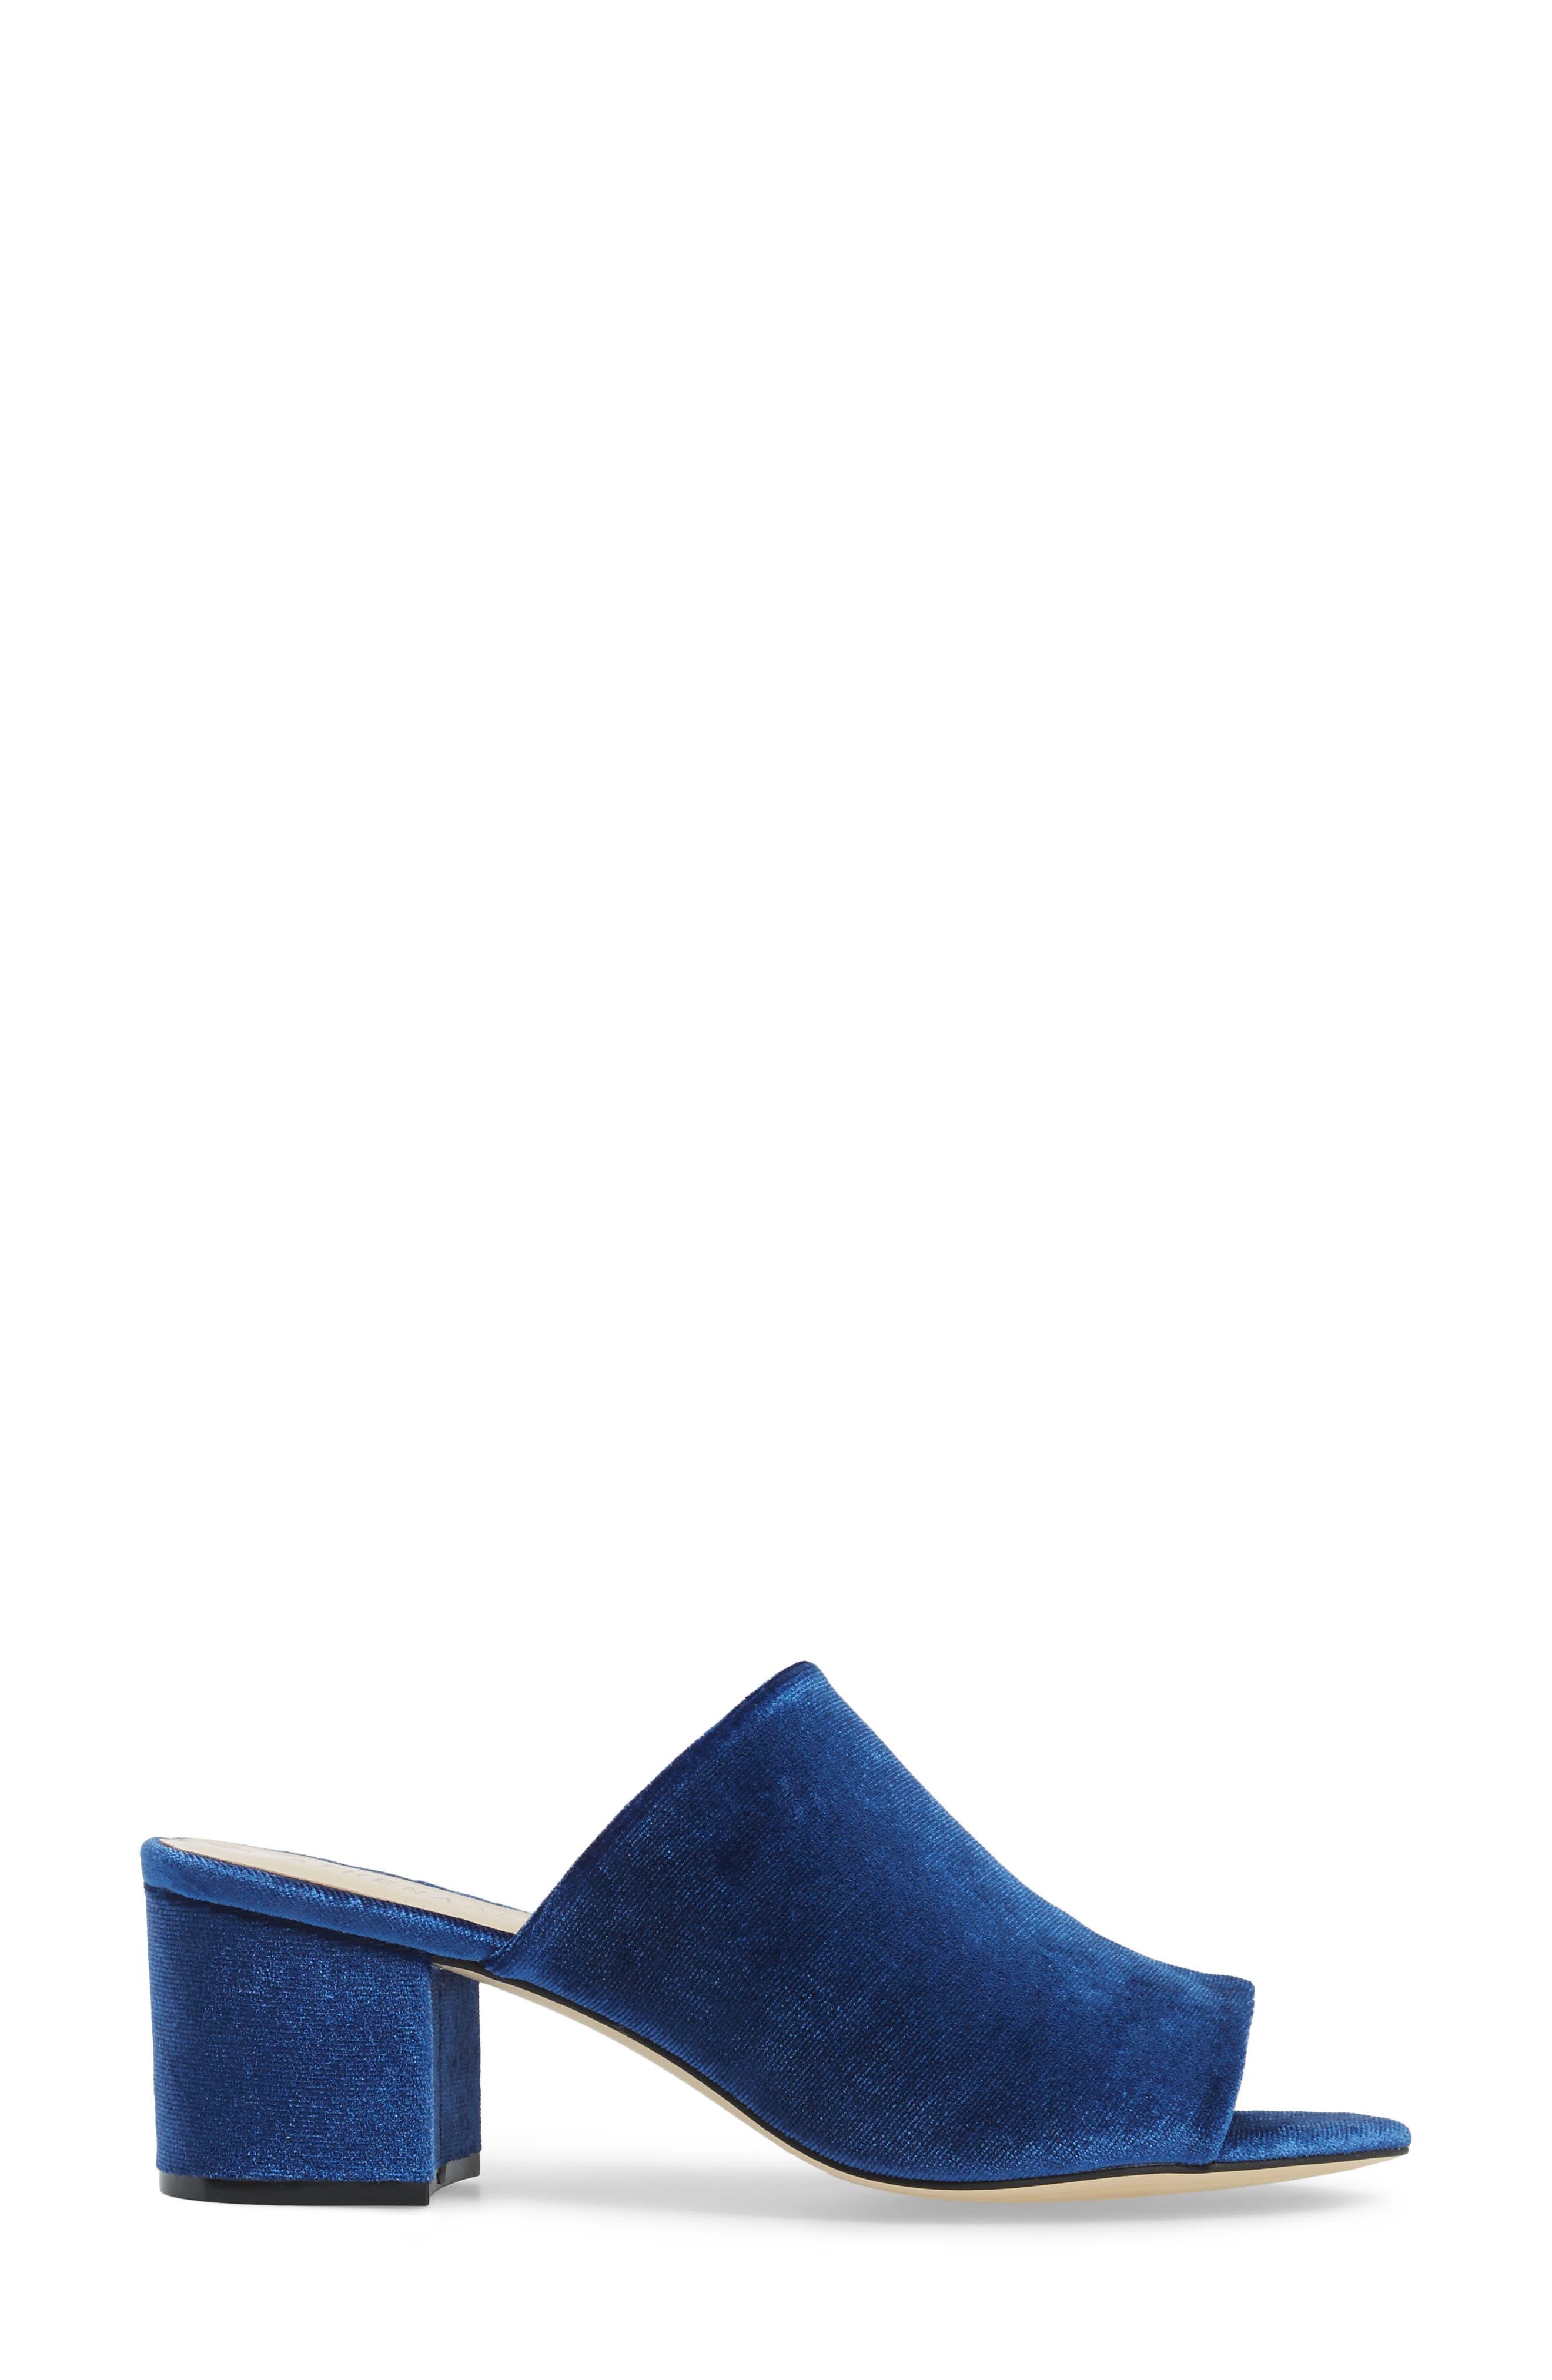 Robyne Slide Sandal,                             Alternate thumbnail 3, color,                             Navy Velvet